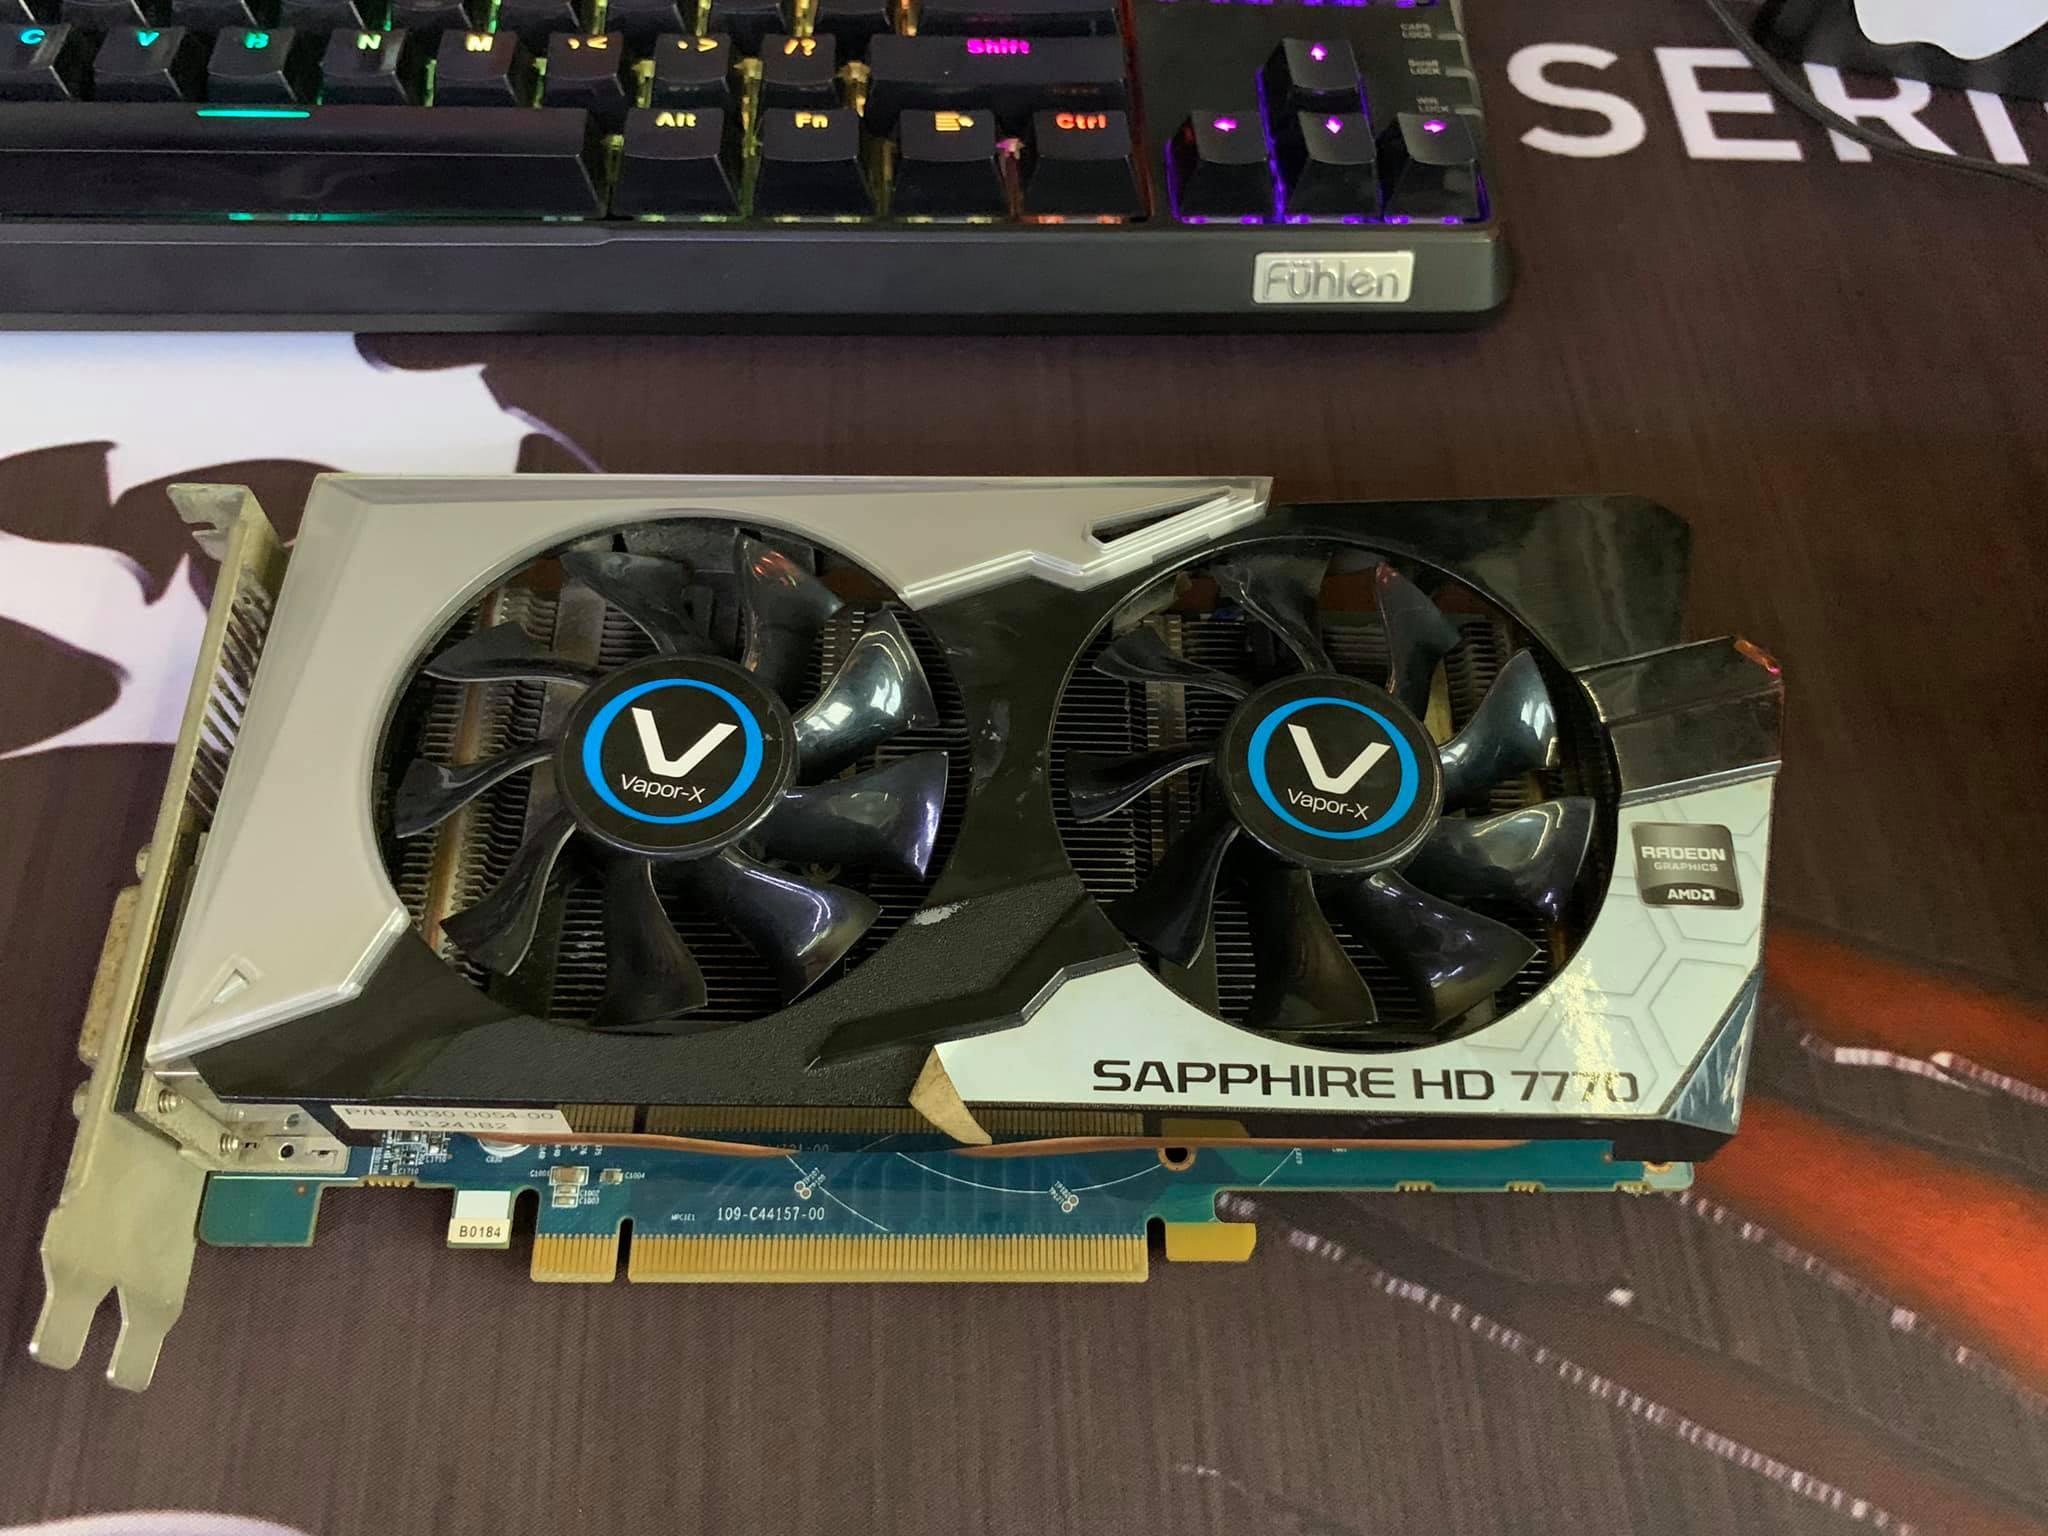 Giá VGA SAPPHIRE VAPOR-X HD7770 1GB DDR5 CHIẾN GAME GIÁ RẺ